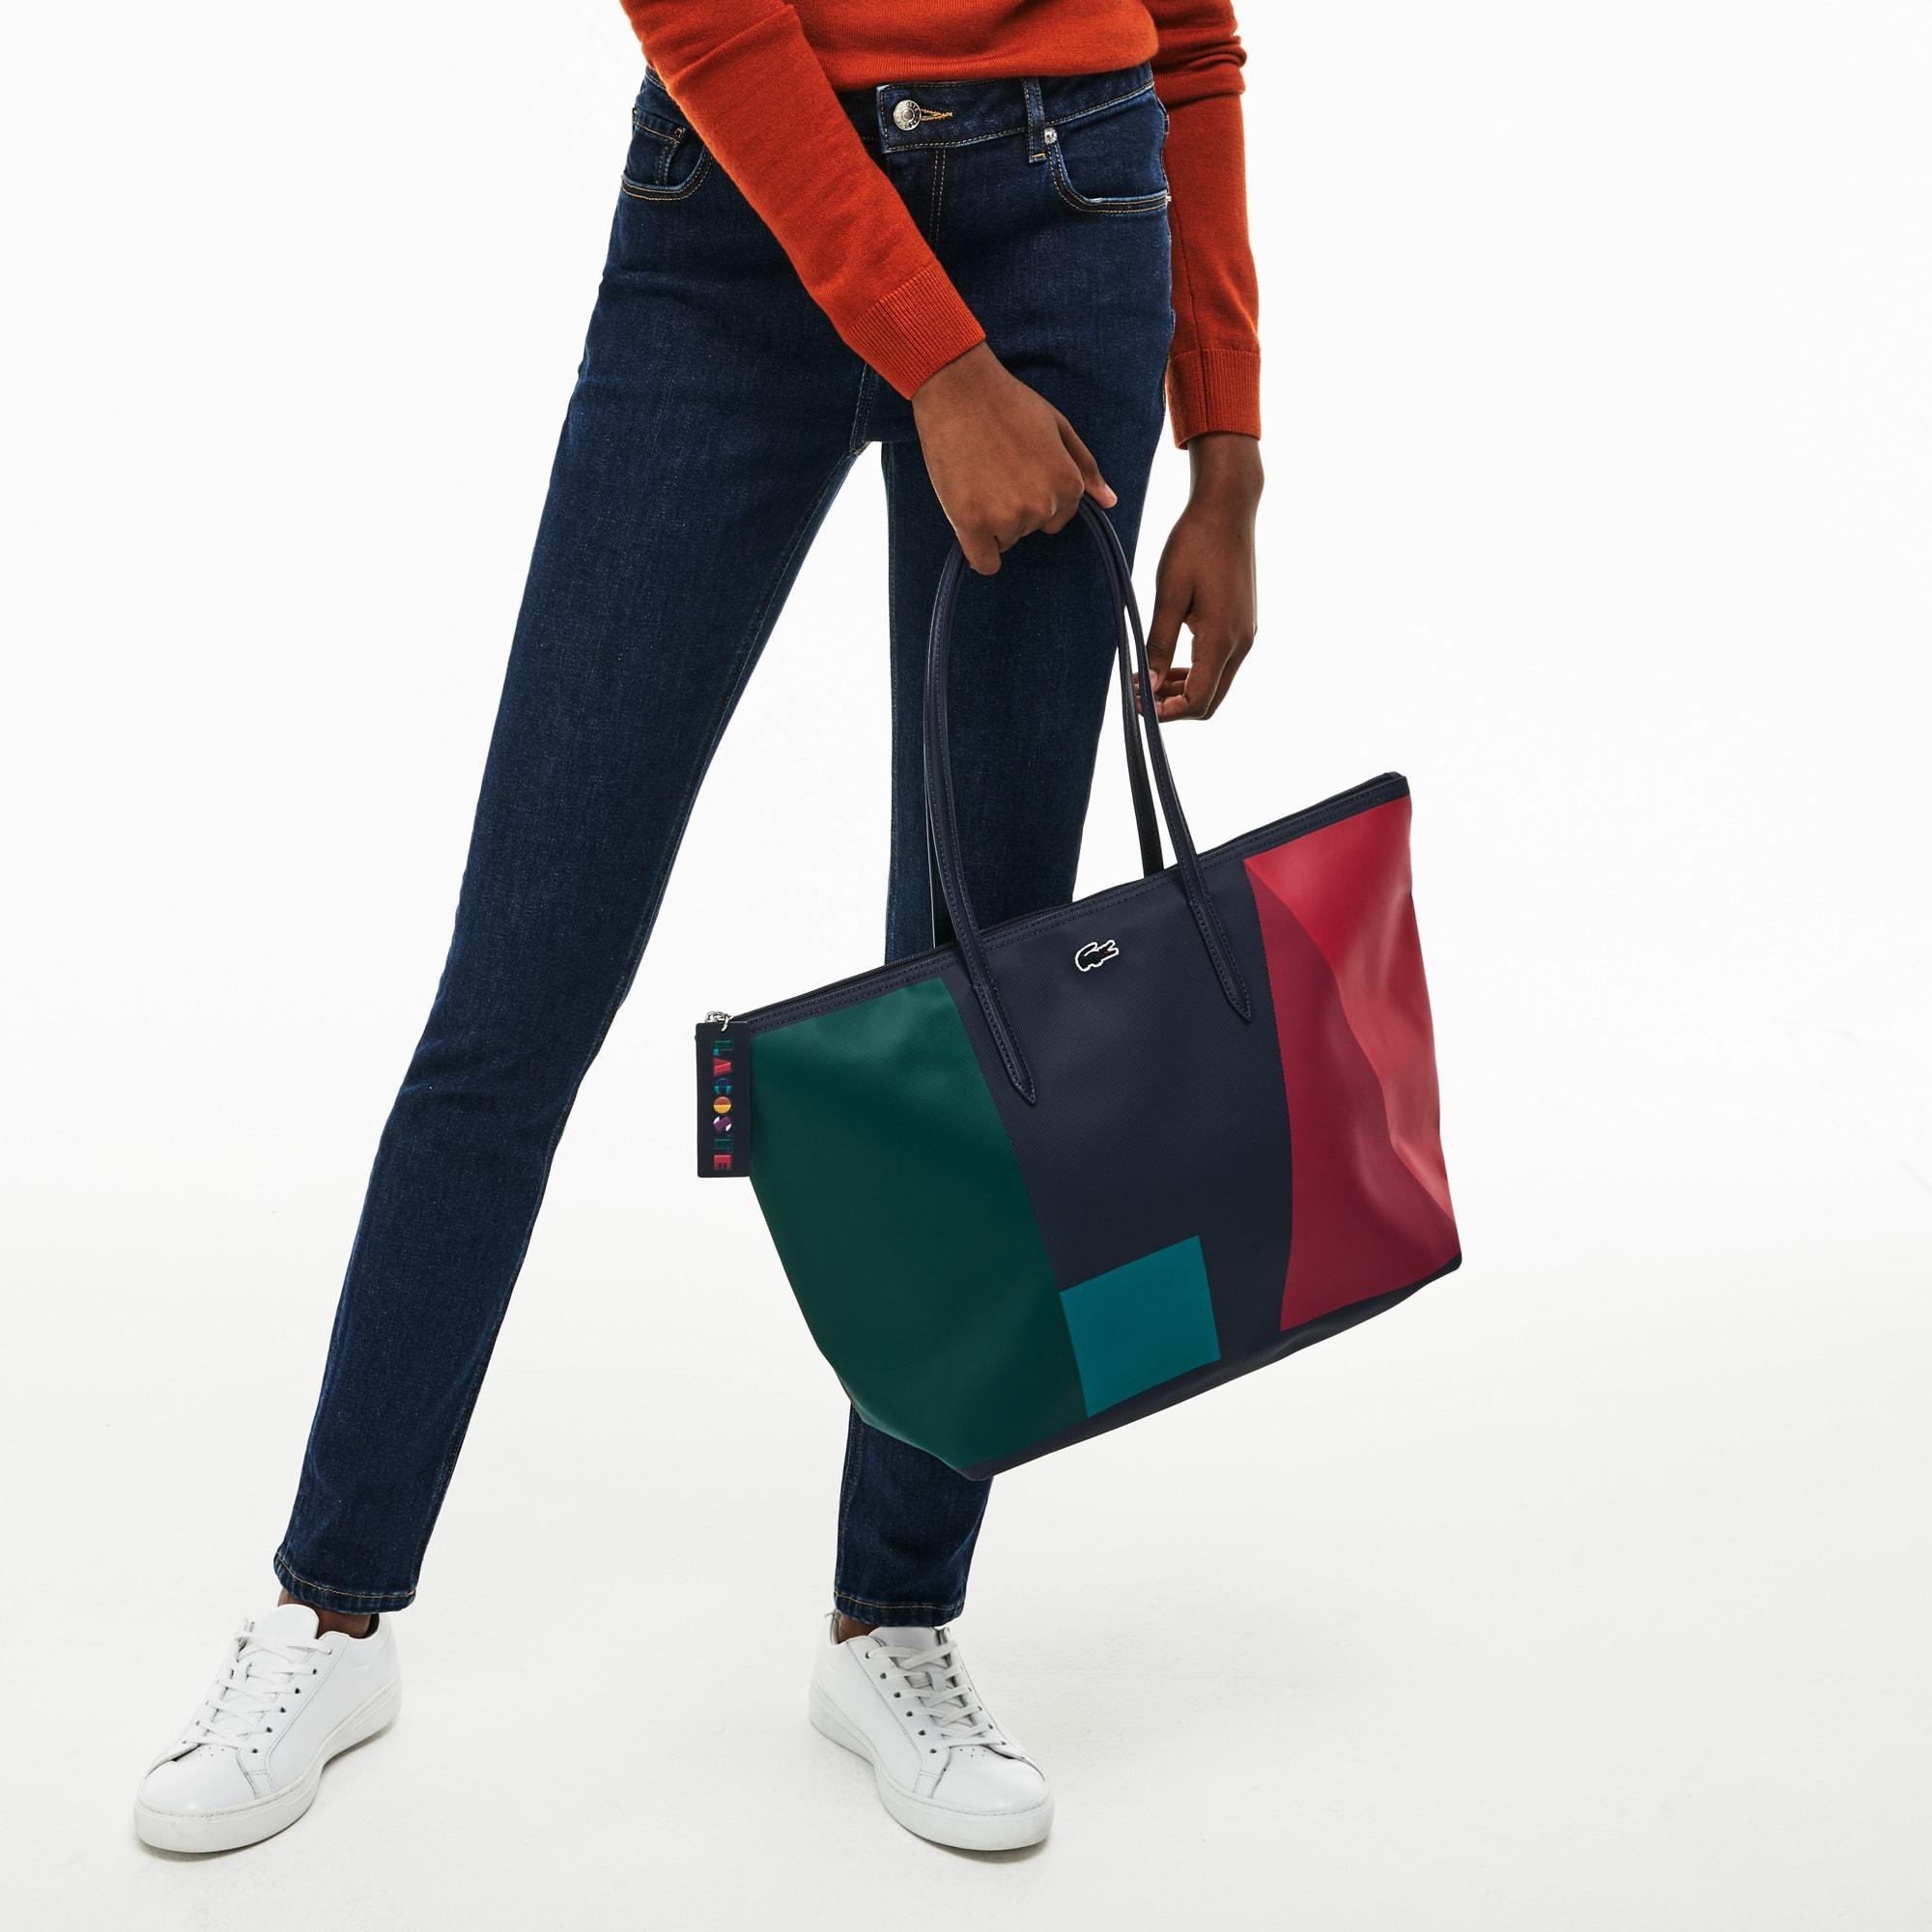 Damen L.12.12 CONCEPT Tote Bag aus Colorblock Petit Piqué